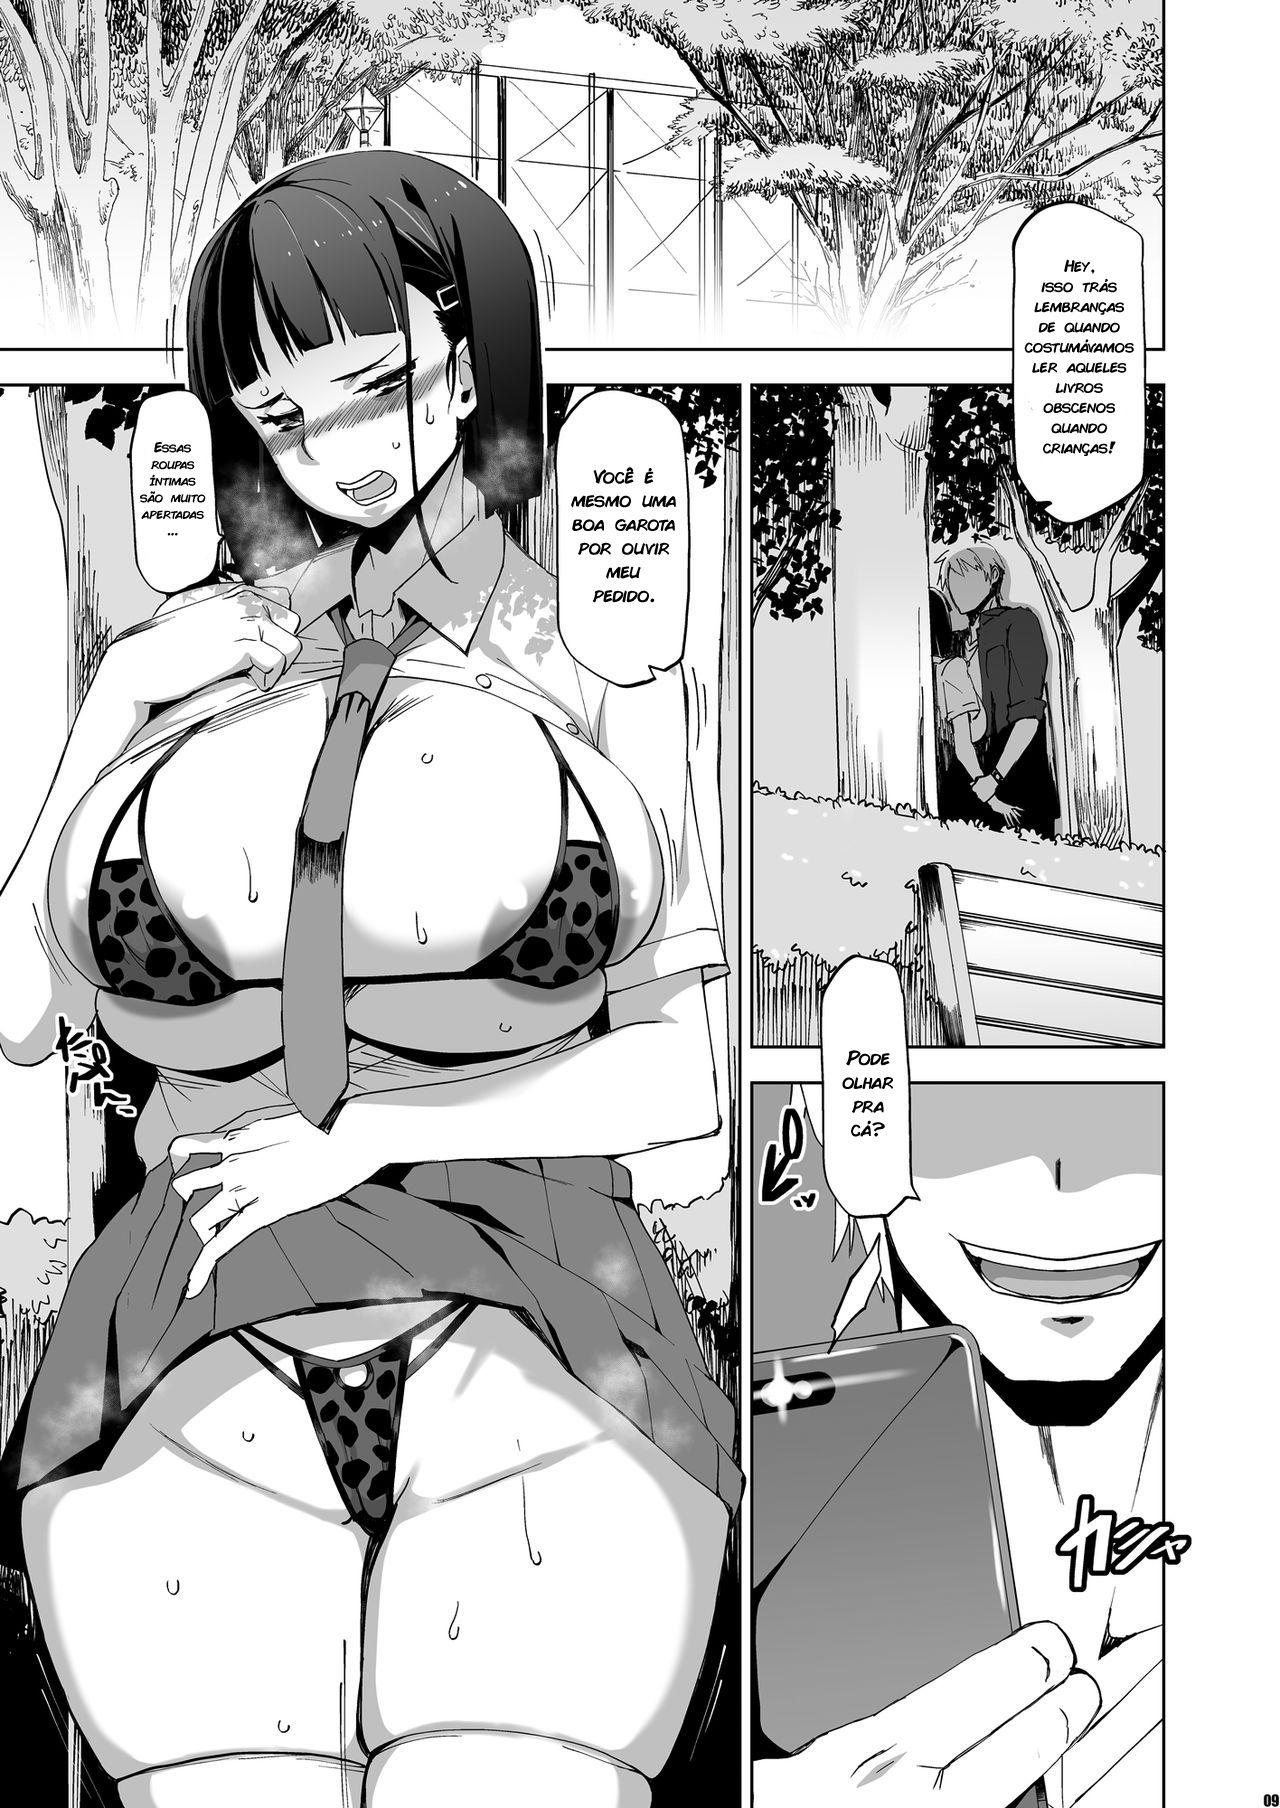 Kimi wa Yasashiku Netorareru